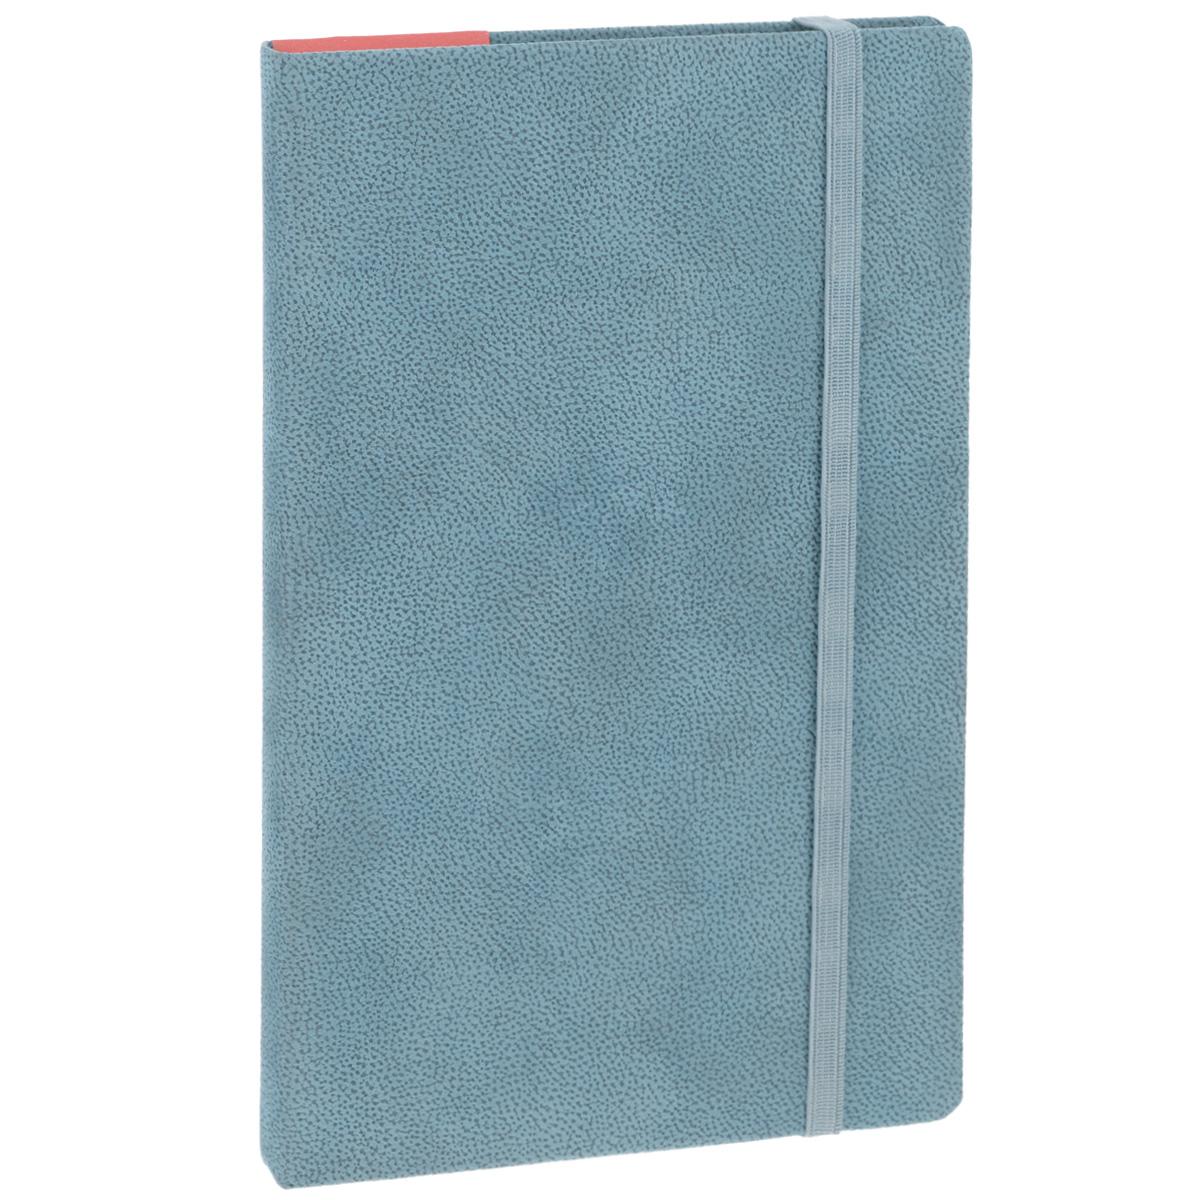 Записная книжка Erich Krause Tann, цвет: серо-голубой, 96 листов36782Записная книжка Erich Krause Tann - это дополнительный штрих к вашему имиджу. Демократичная в своем содержании, книжка может быть использована не только для личных пометок и записей, но и как недатированный ежедневник. Надежная твердая обложка из плотного картона, обтянутого приятным на ощупь текстильным материалом, сохранит ее в аккуратном состоянии на протяжении всего времени использования. Плотная в линейку бумага белого цвета, закладка-ляссе, практичные скругленные углы, эластичная петелька для ручки и внутренний бумажный карман на задней обложке - все это обеспечит вам истинное удовольствие от письма. В начале книжки имеется страничка для заполнения личных данных владельца, четыре страницы для заполнения адресов, телефонов и интернет-почты и четыре страницы для заполнения сайтов и ссылок. Благодаря небольшому формату книжку легко взять с собой. Записная книжка плотно закрывается при помощи фиксирующей резинки.